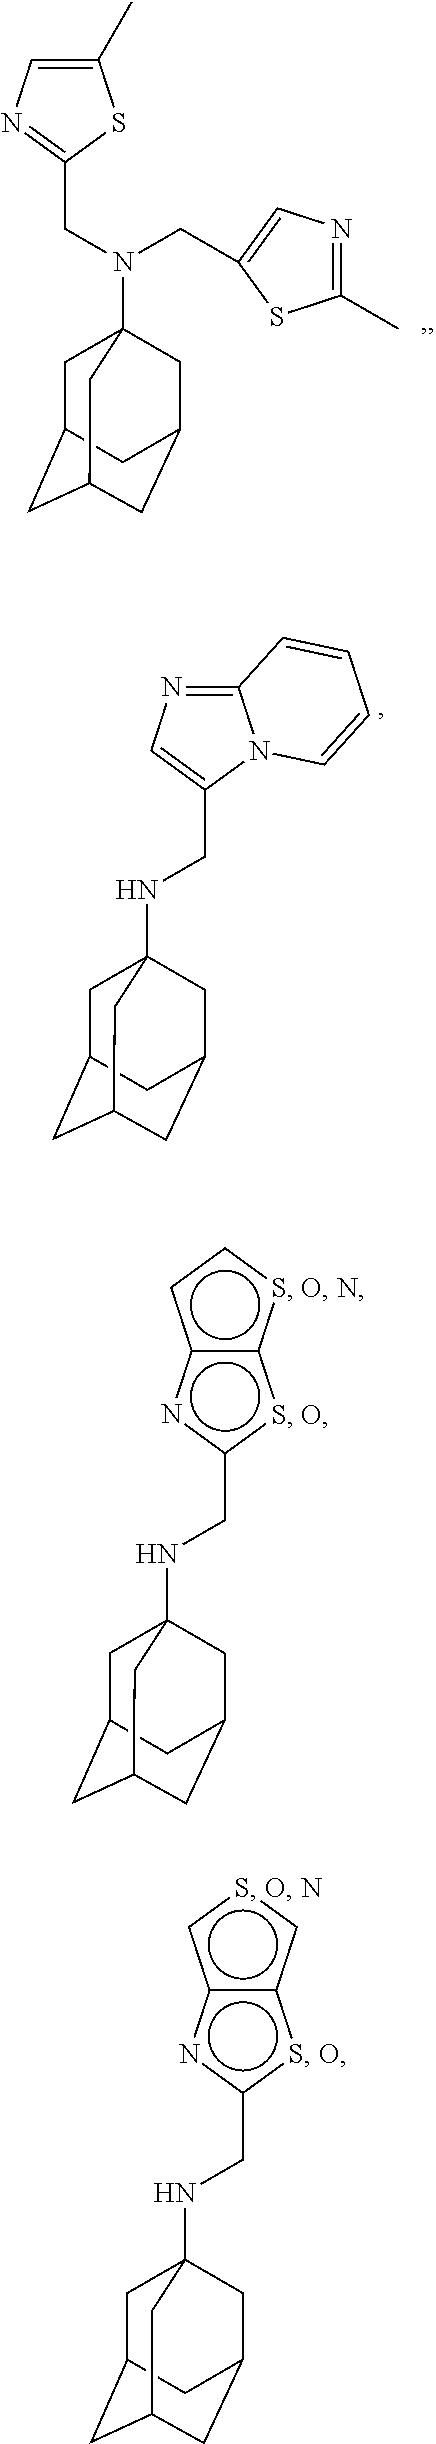 Figure US09884832-20180206-C00175